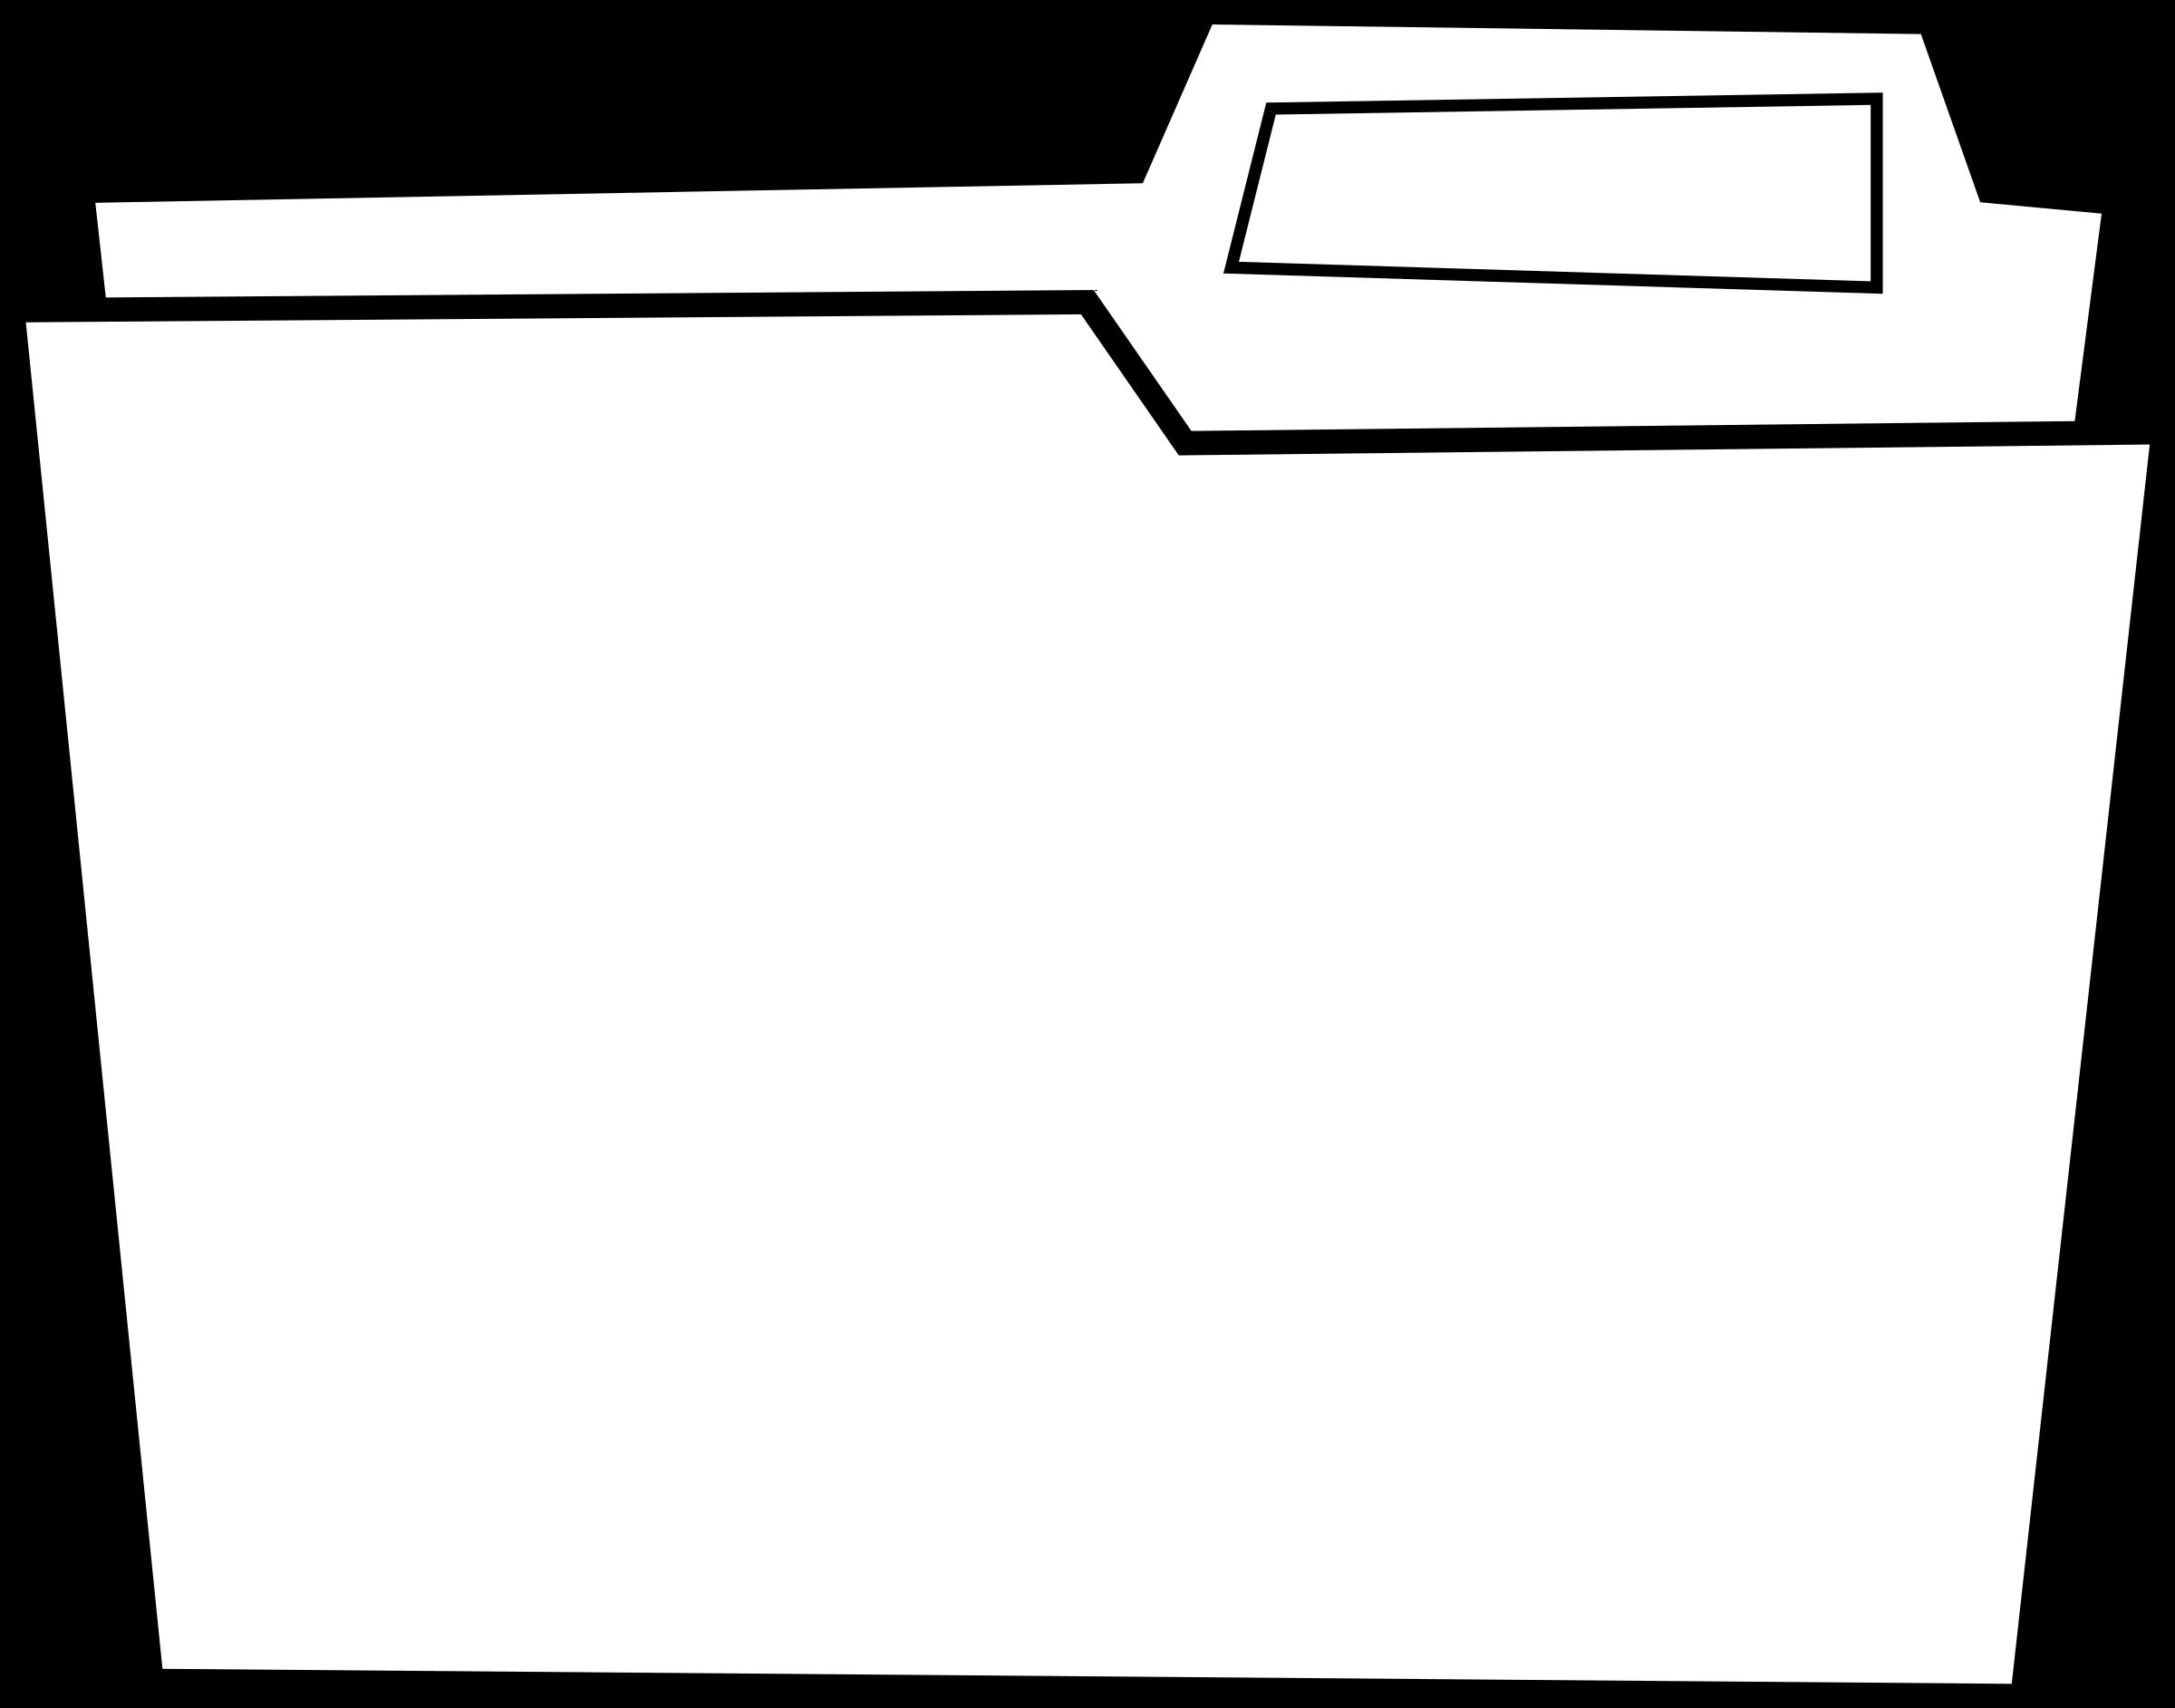 beauty filing folders. Folder clipart organized file